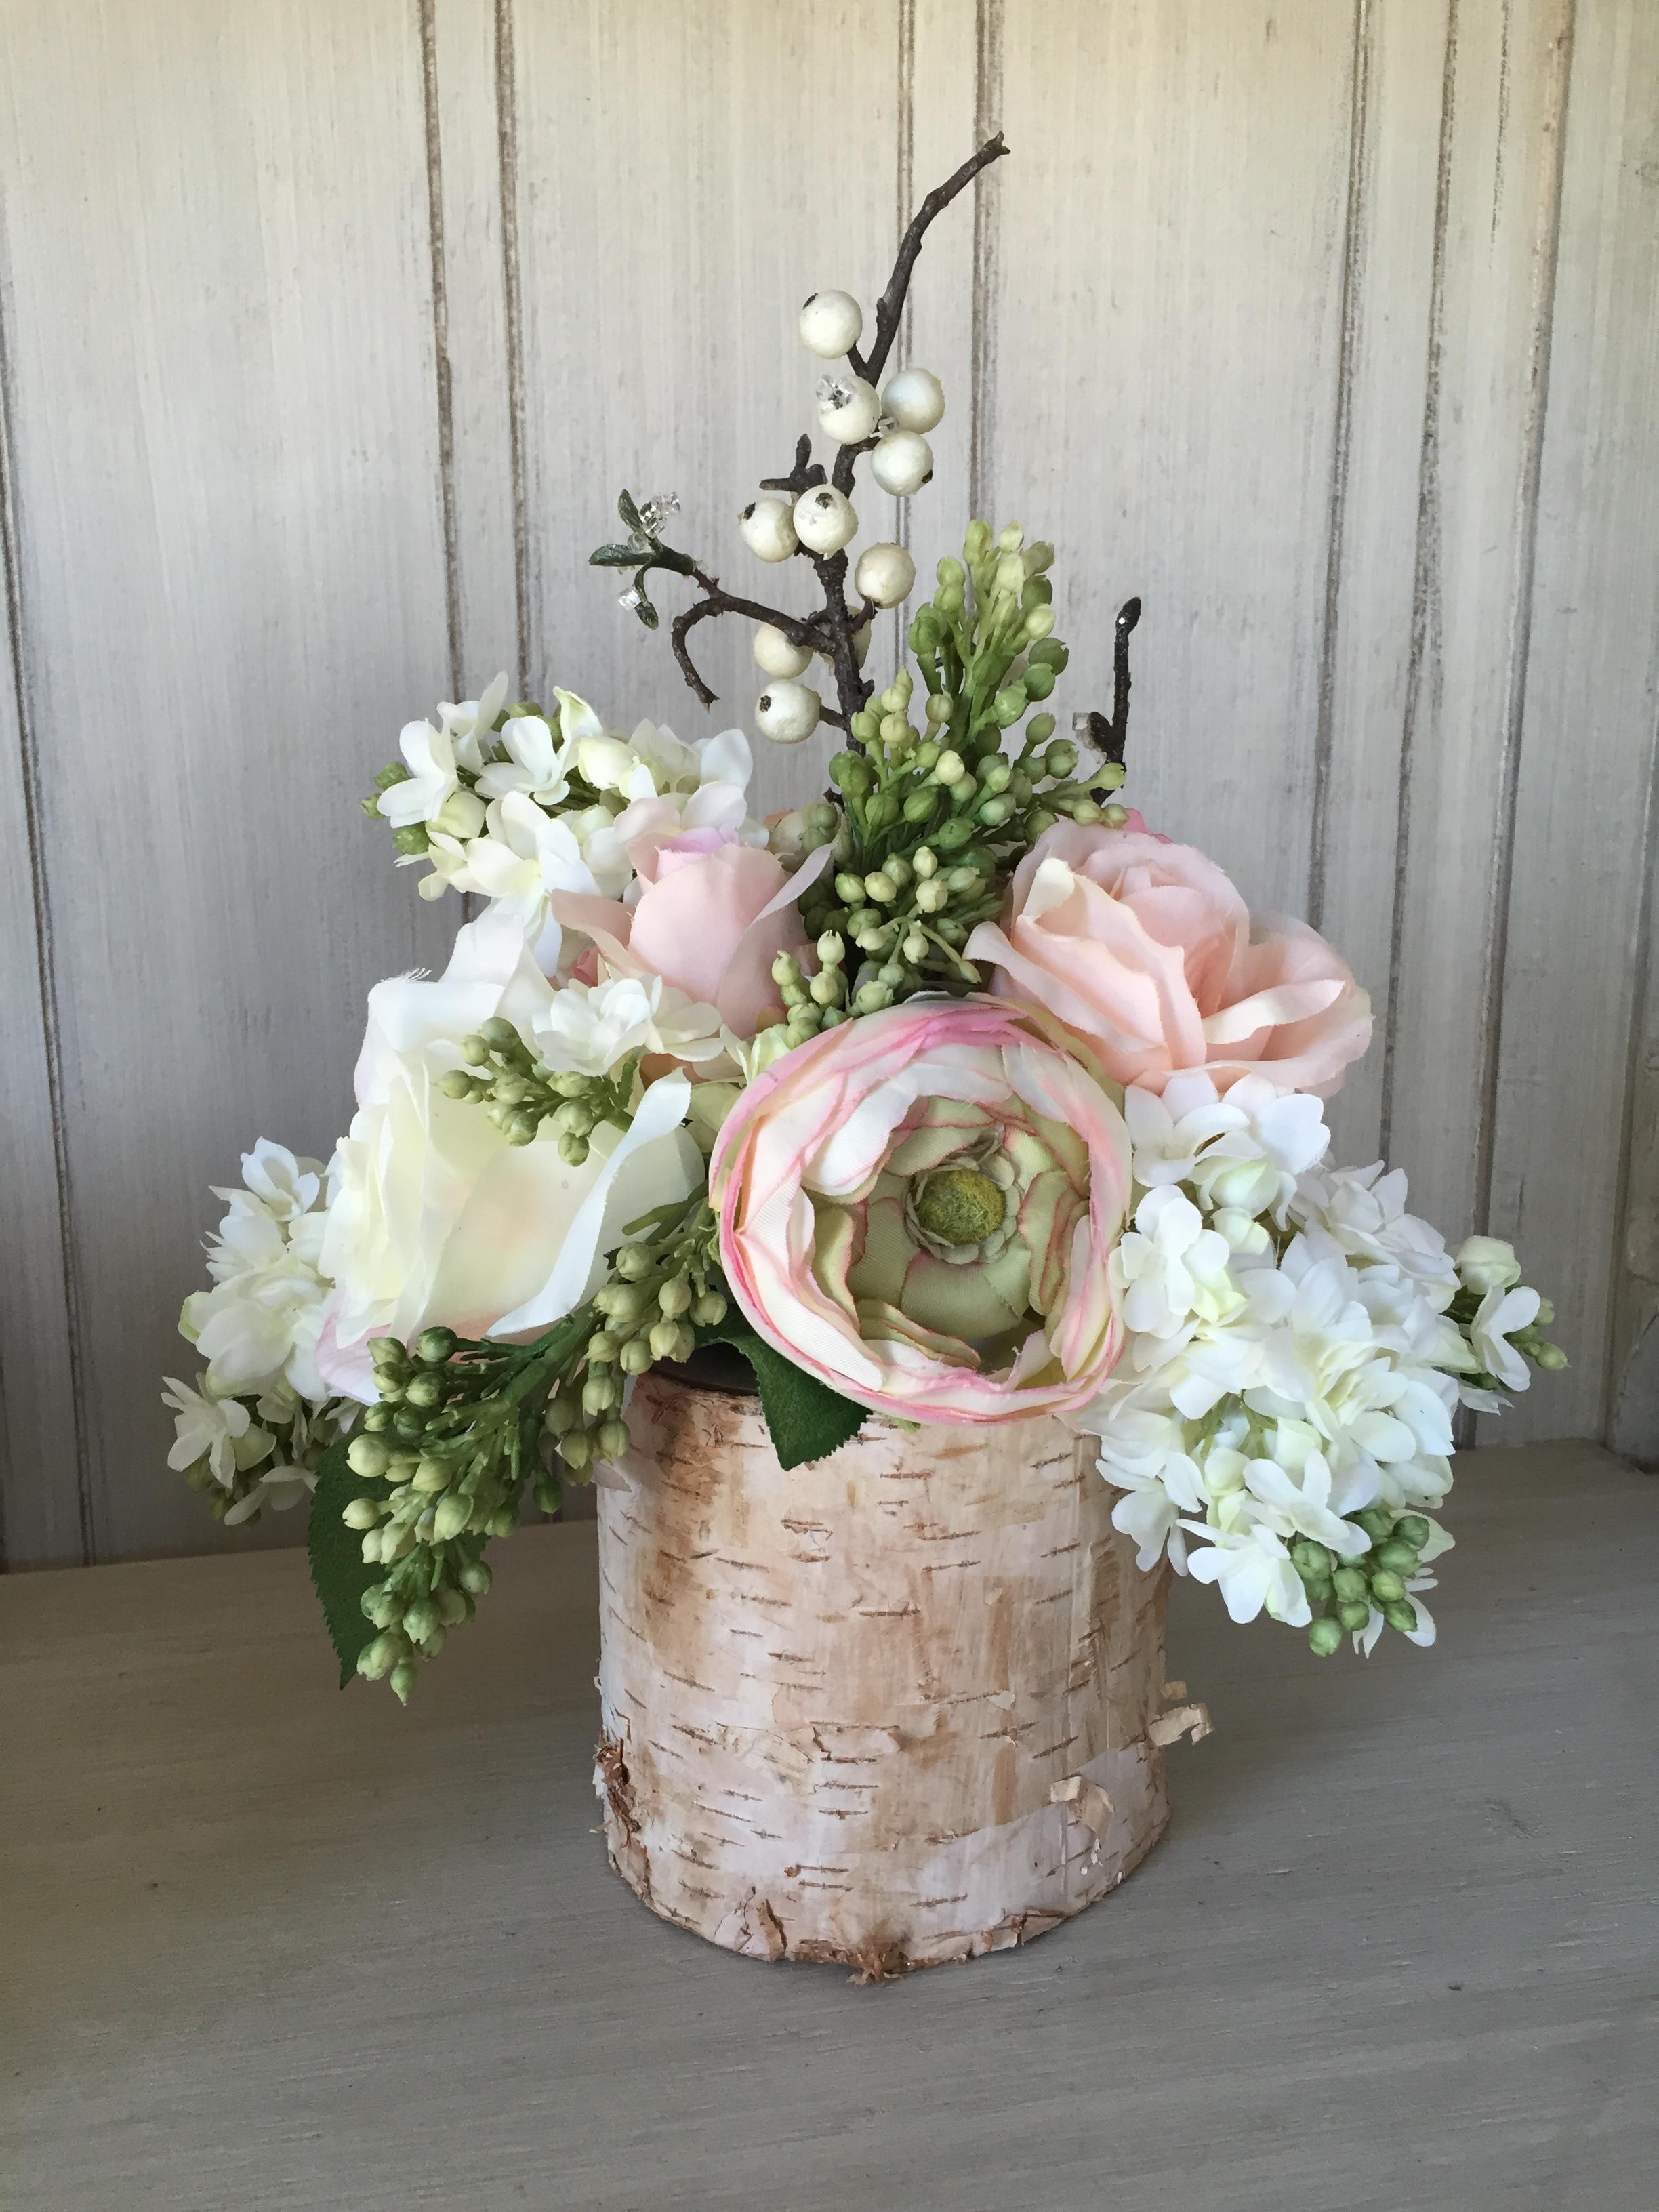 Flower arrangement.jpg